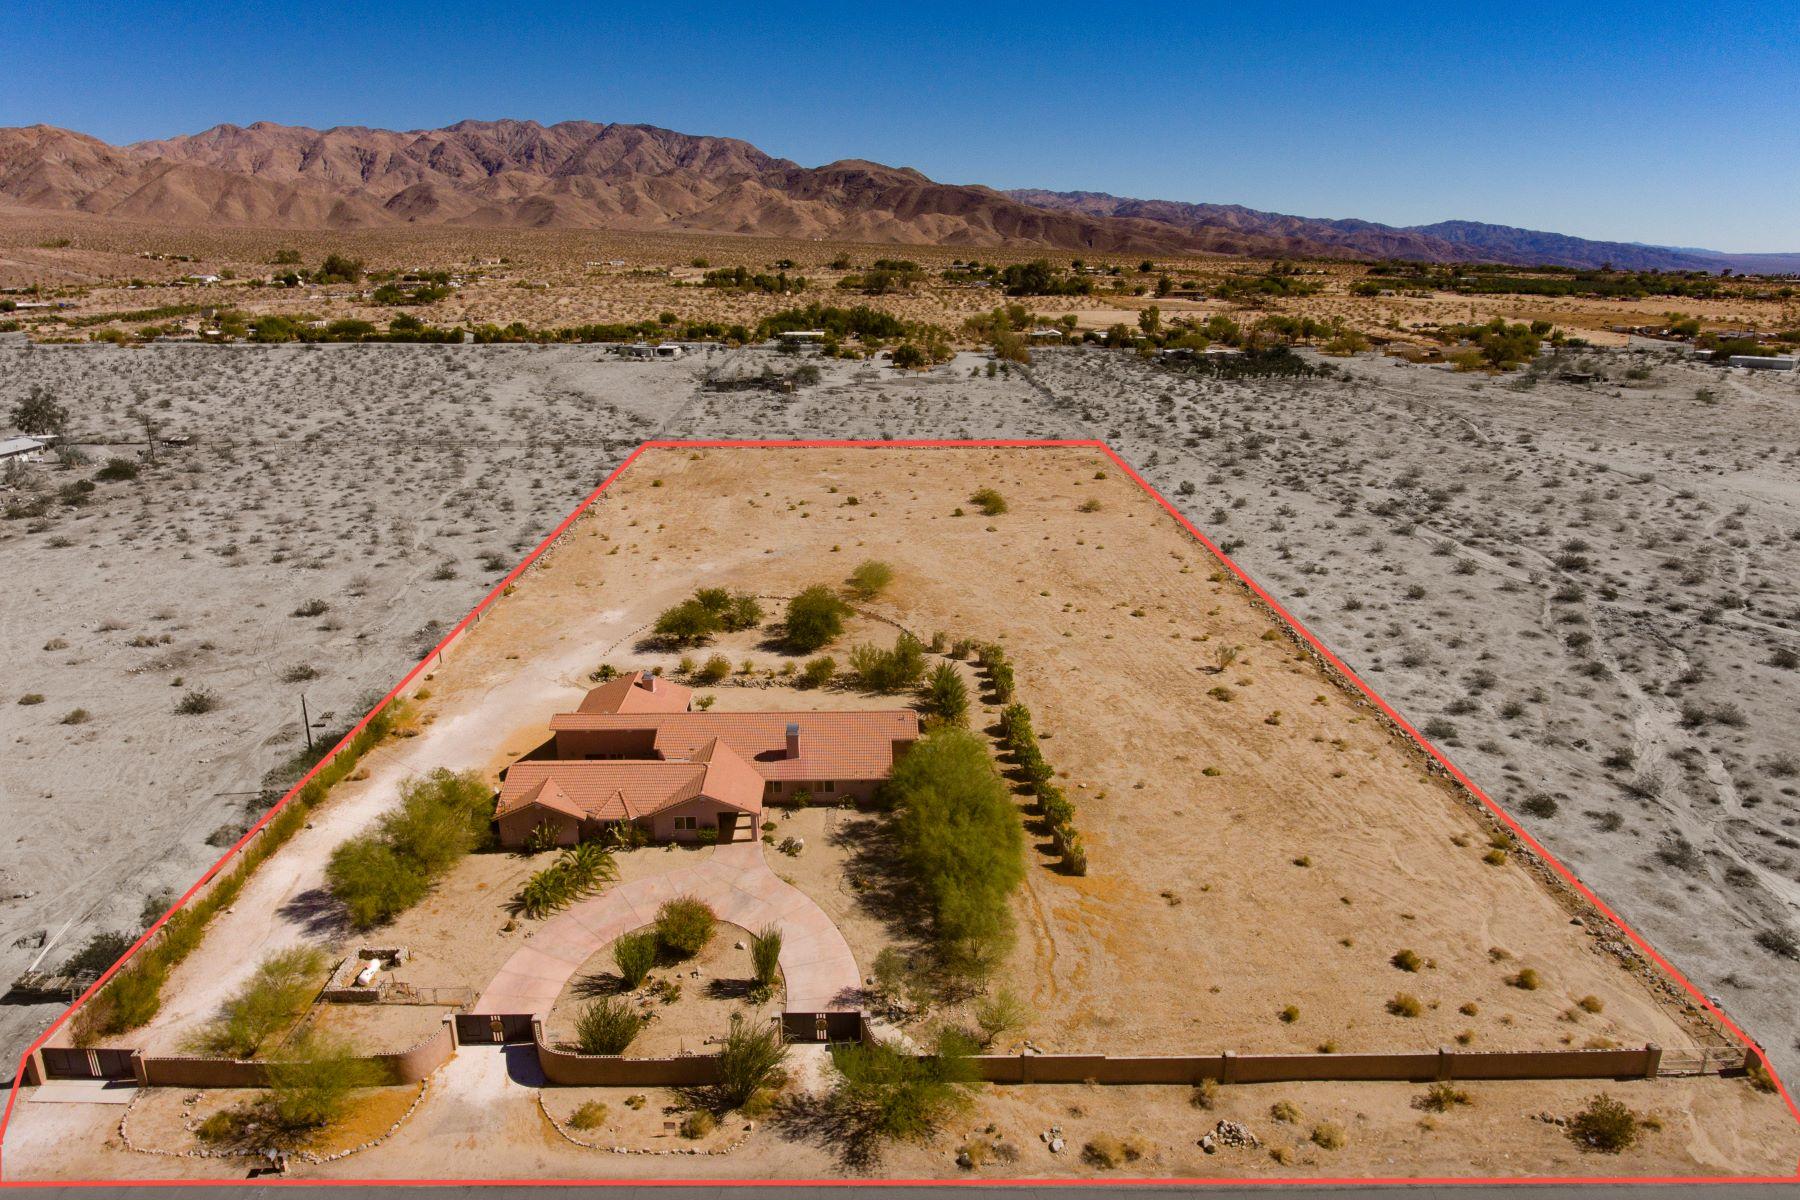 Single Family Homes for Sale at 29100 Sunnyslope St Desert Hot Springs, California 92241 United States